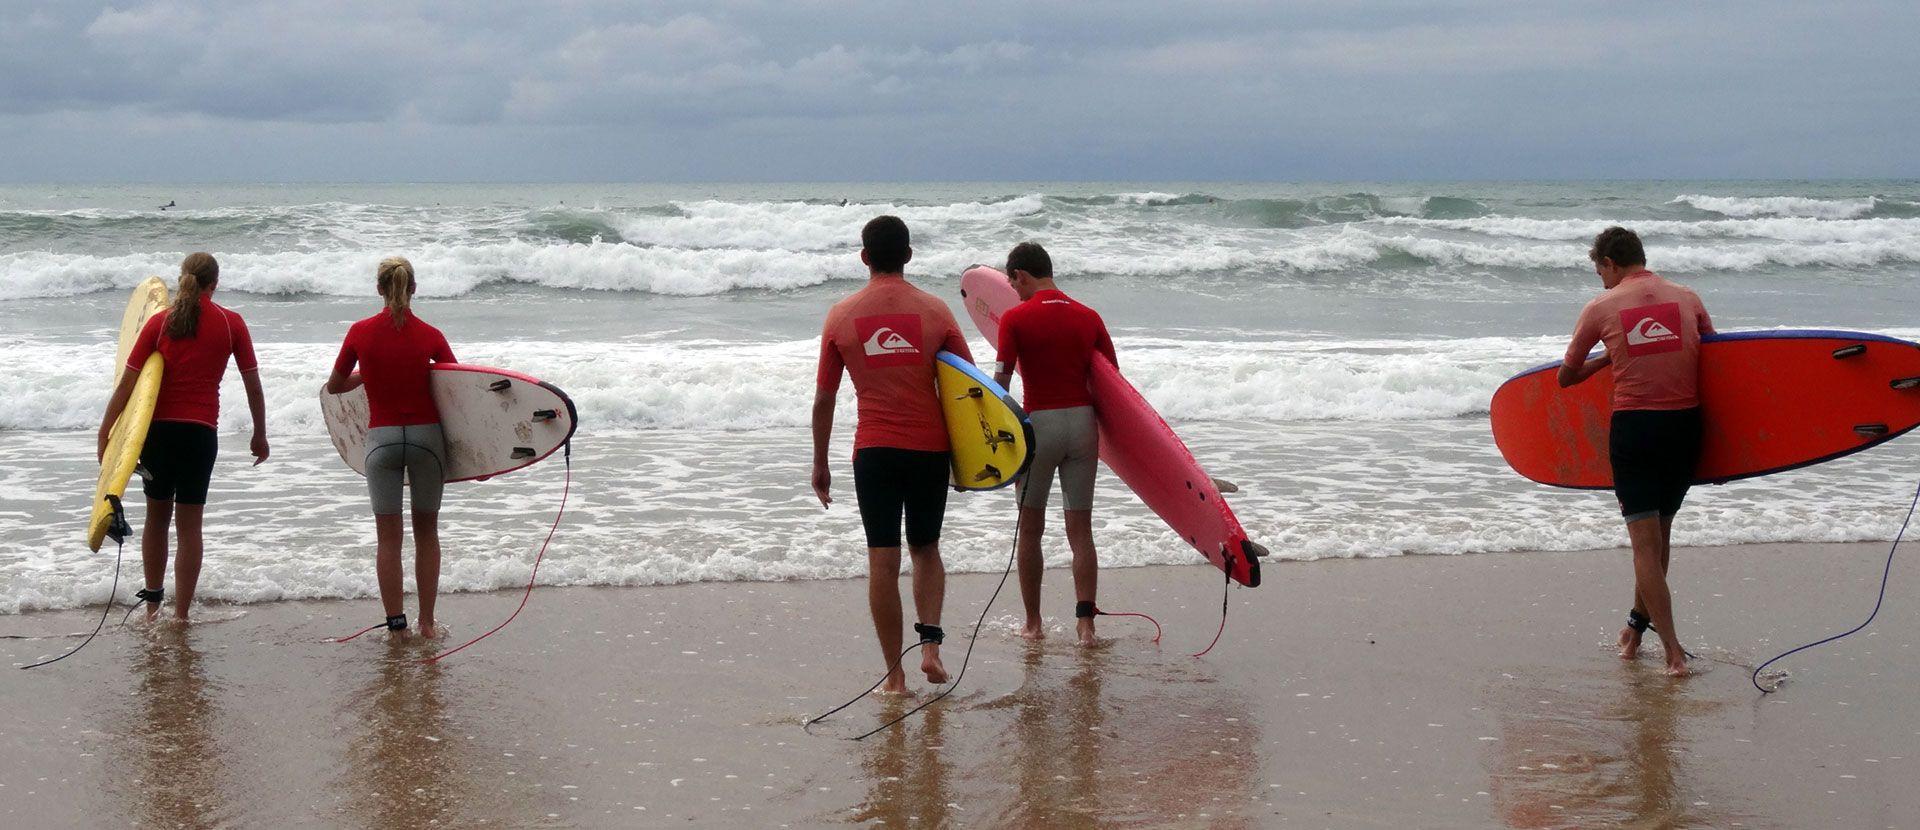 Biarritz surf Francia curso de frances ASTEX 1